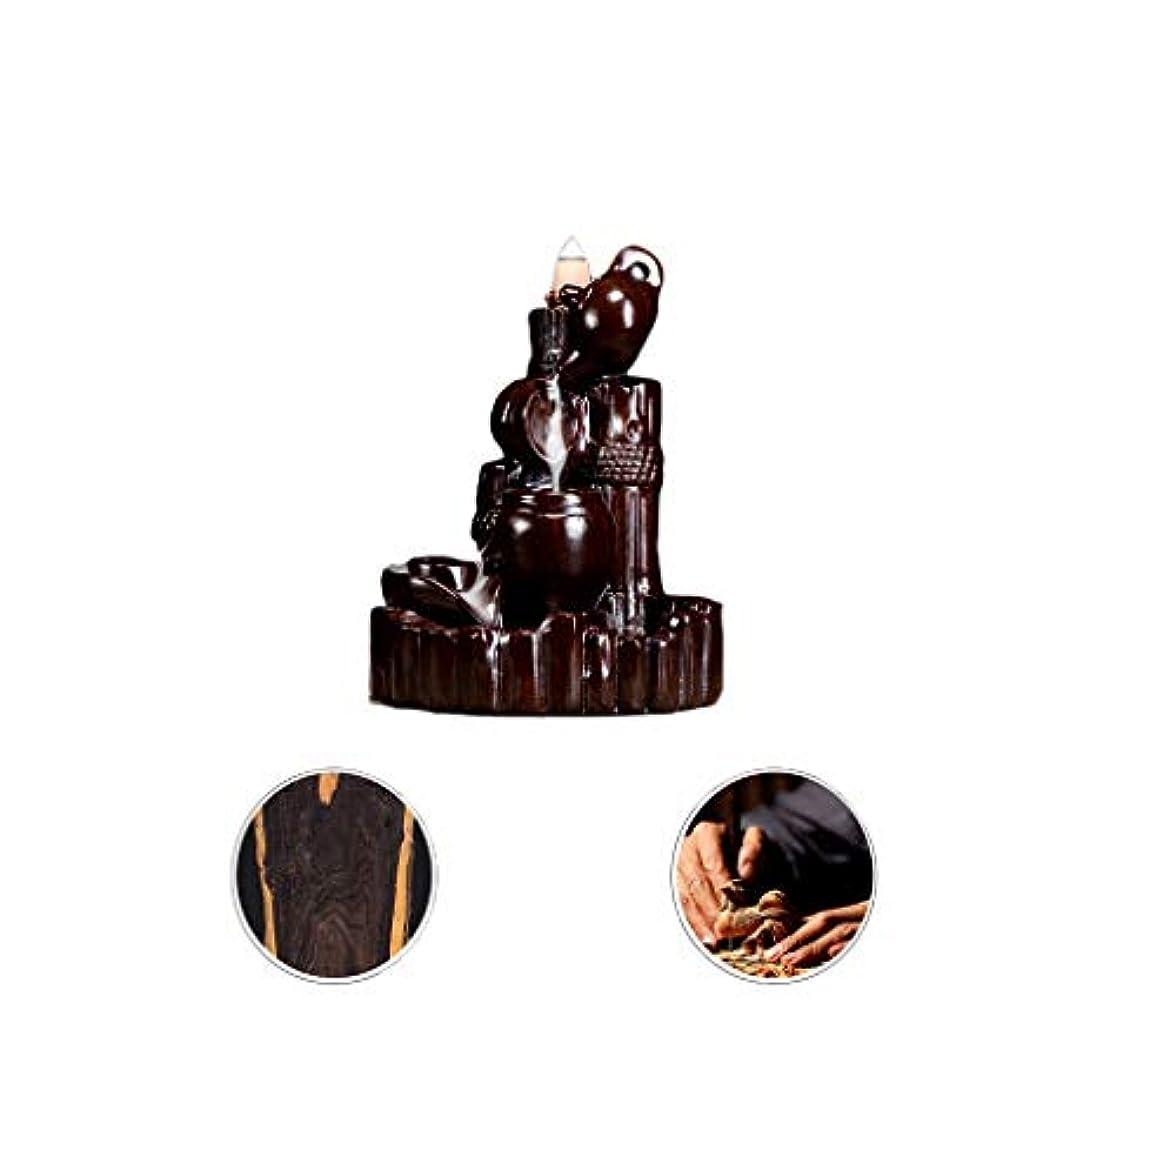 一元化する推定発見芳香器?アロマバーナー 逆流香新古典香炉木製黒檀香バーナーアロマテラピー炉 芳香器?アロマバーナー (Color : Black and ebony)